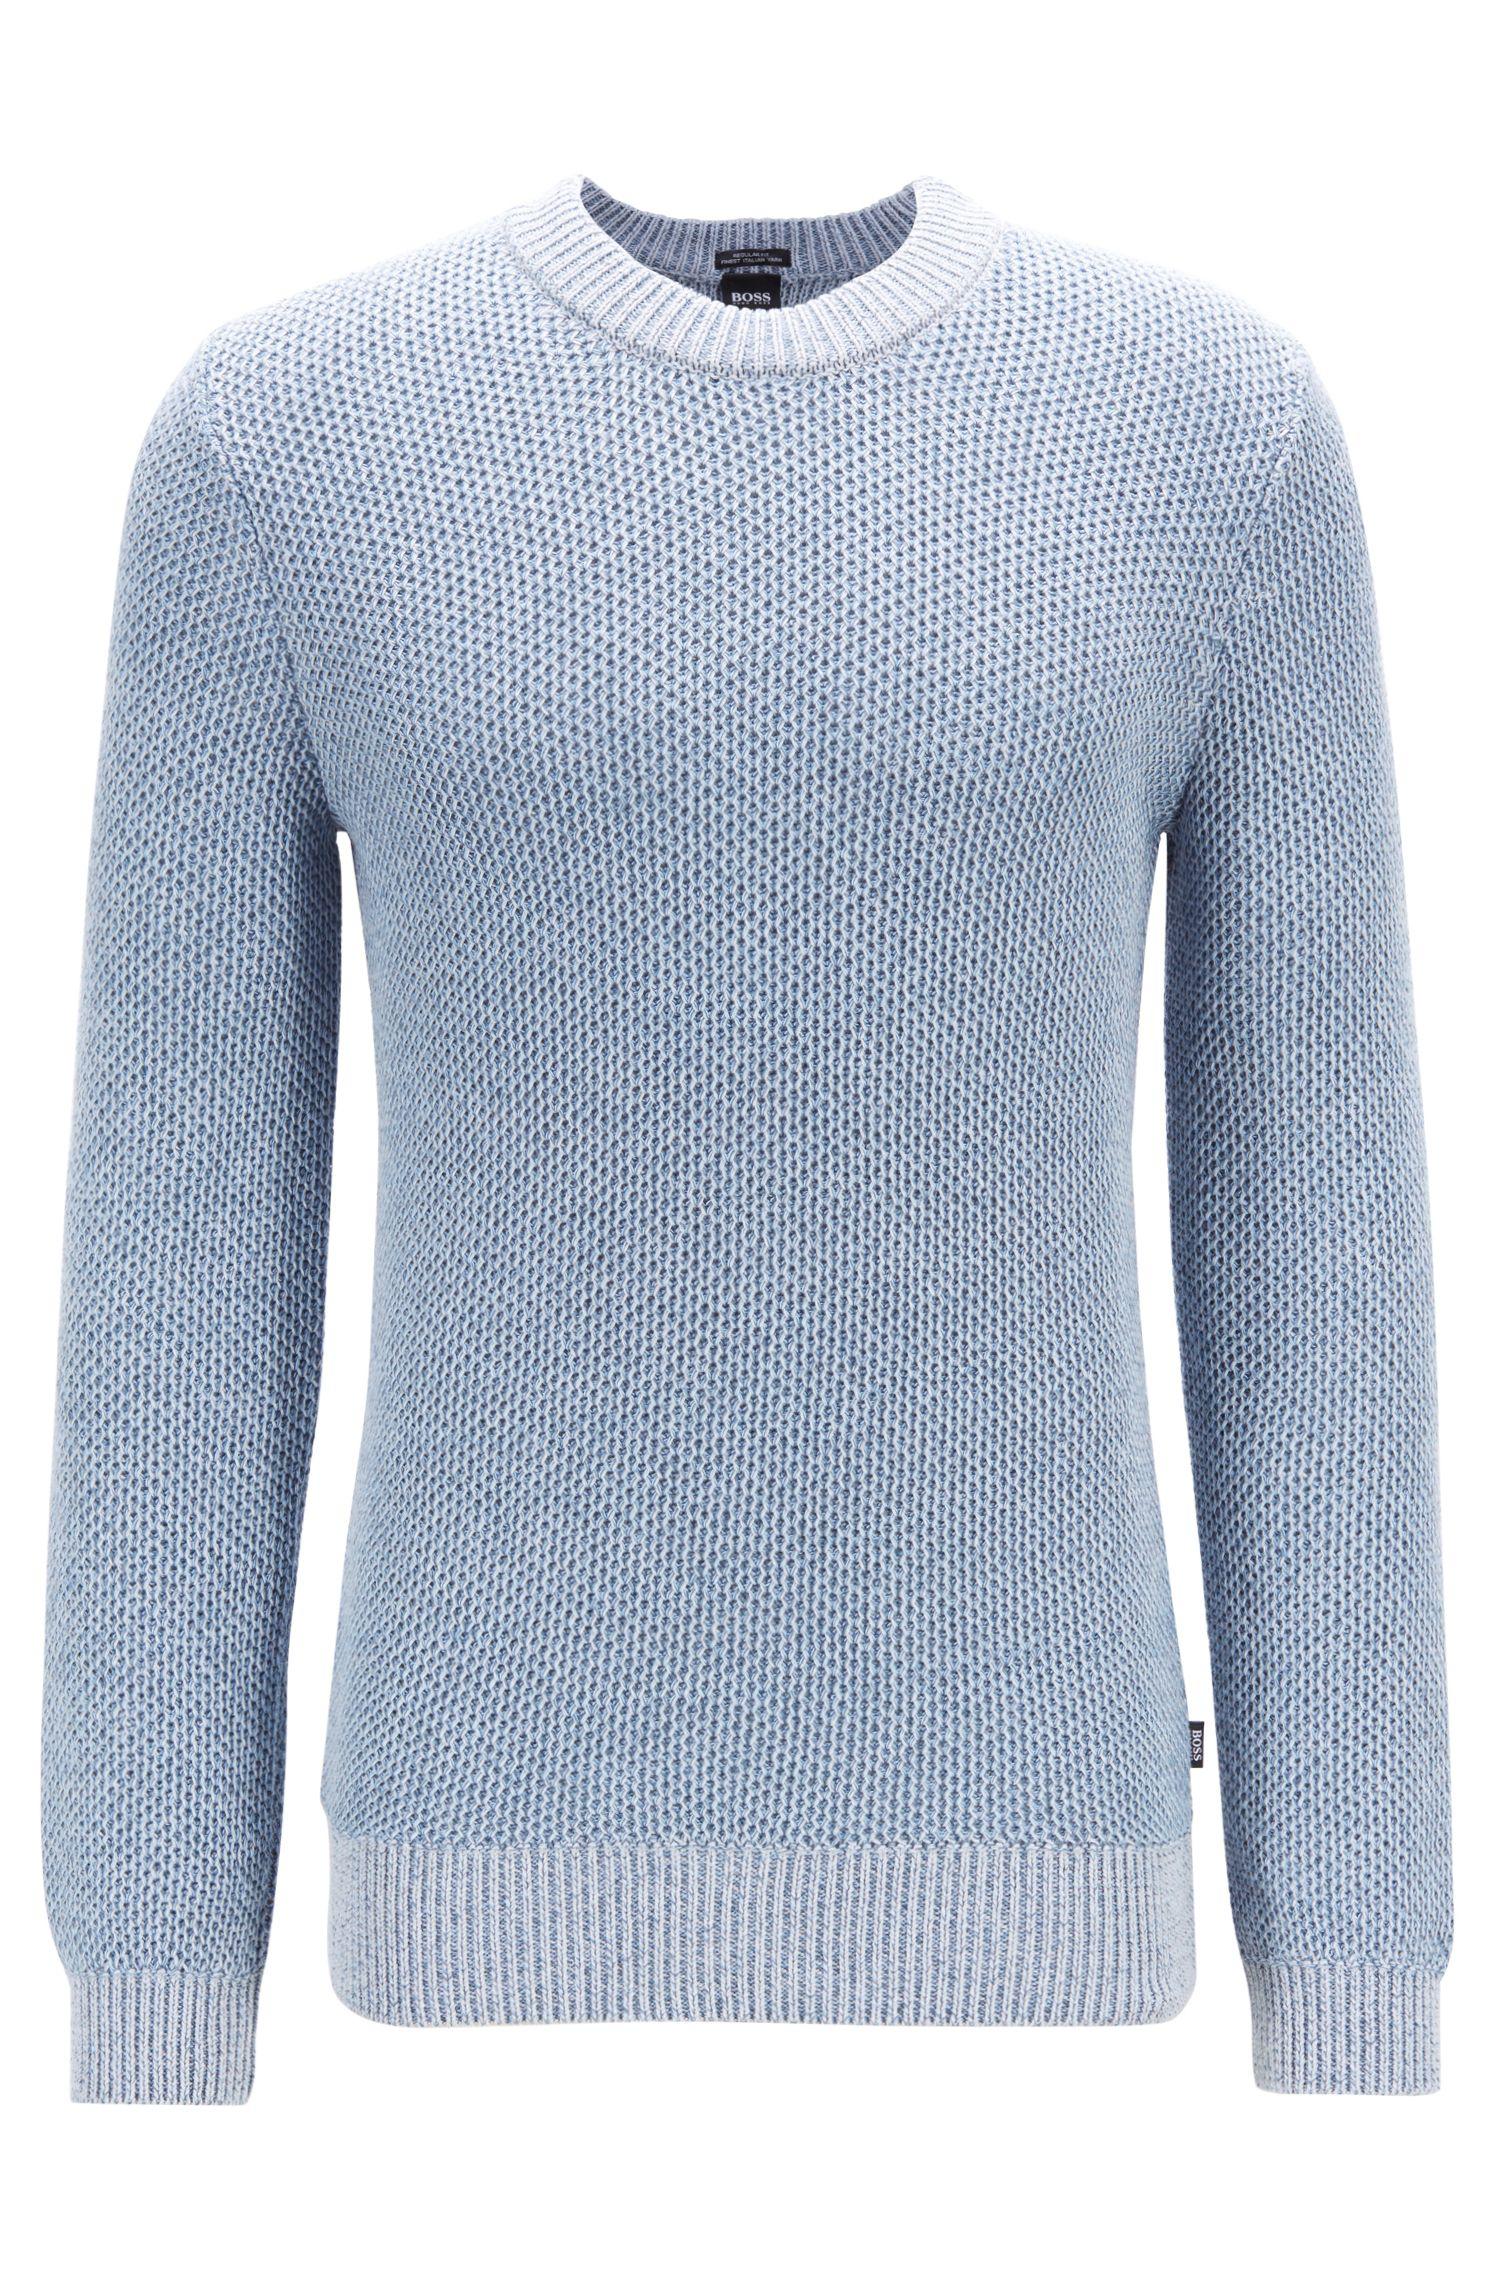 Maglione regular fit in cotone mouliné lavorato a maglia, Celeste